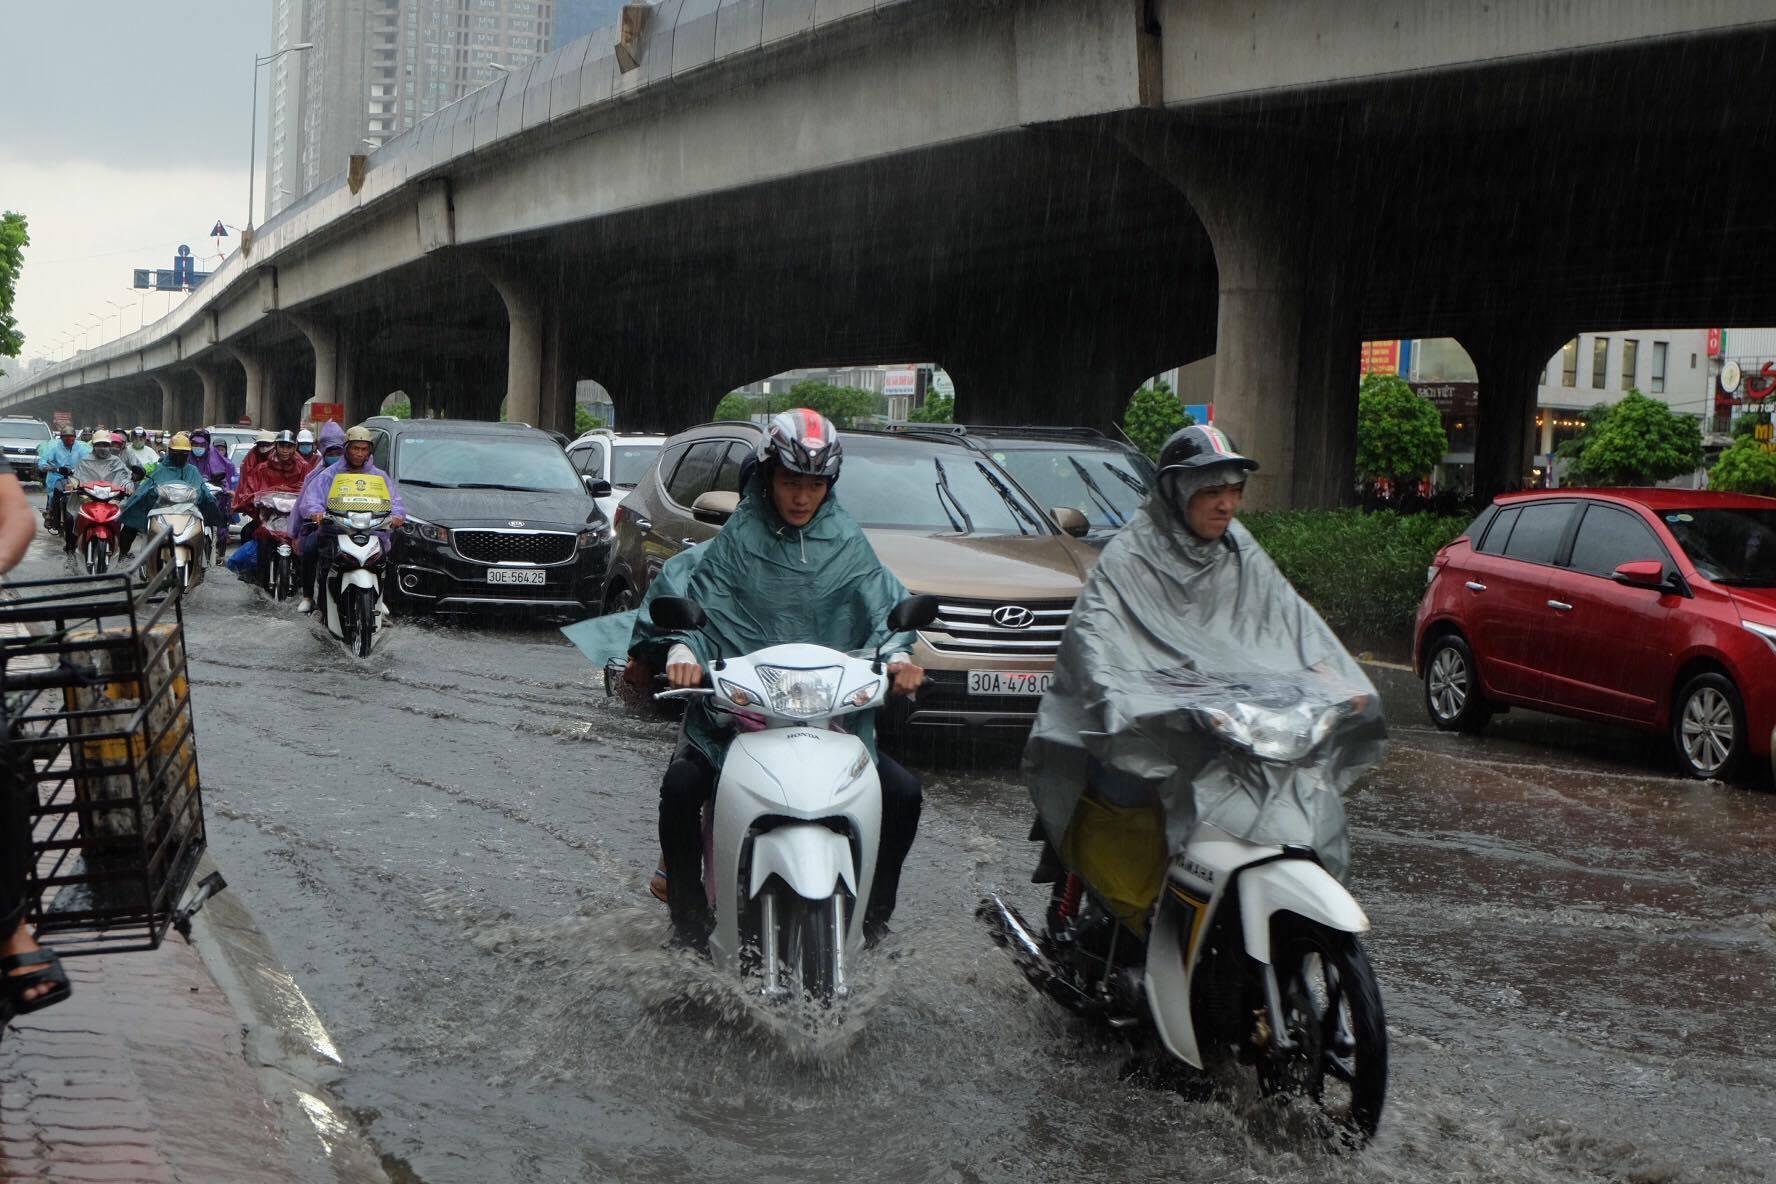 Người dân từ các tỉnh đổ về Thủ đô chật vật di chuyển trong mưa lớn sau kì nghỉ lễ kéo dài - Ảnh 9.